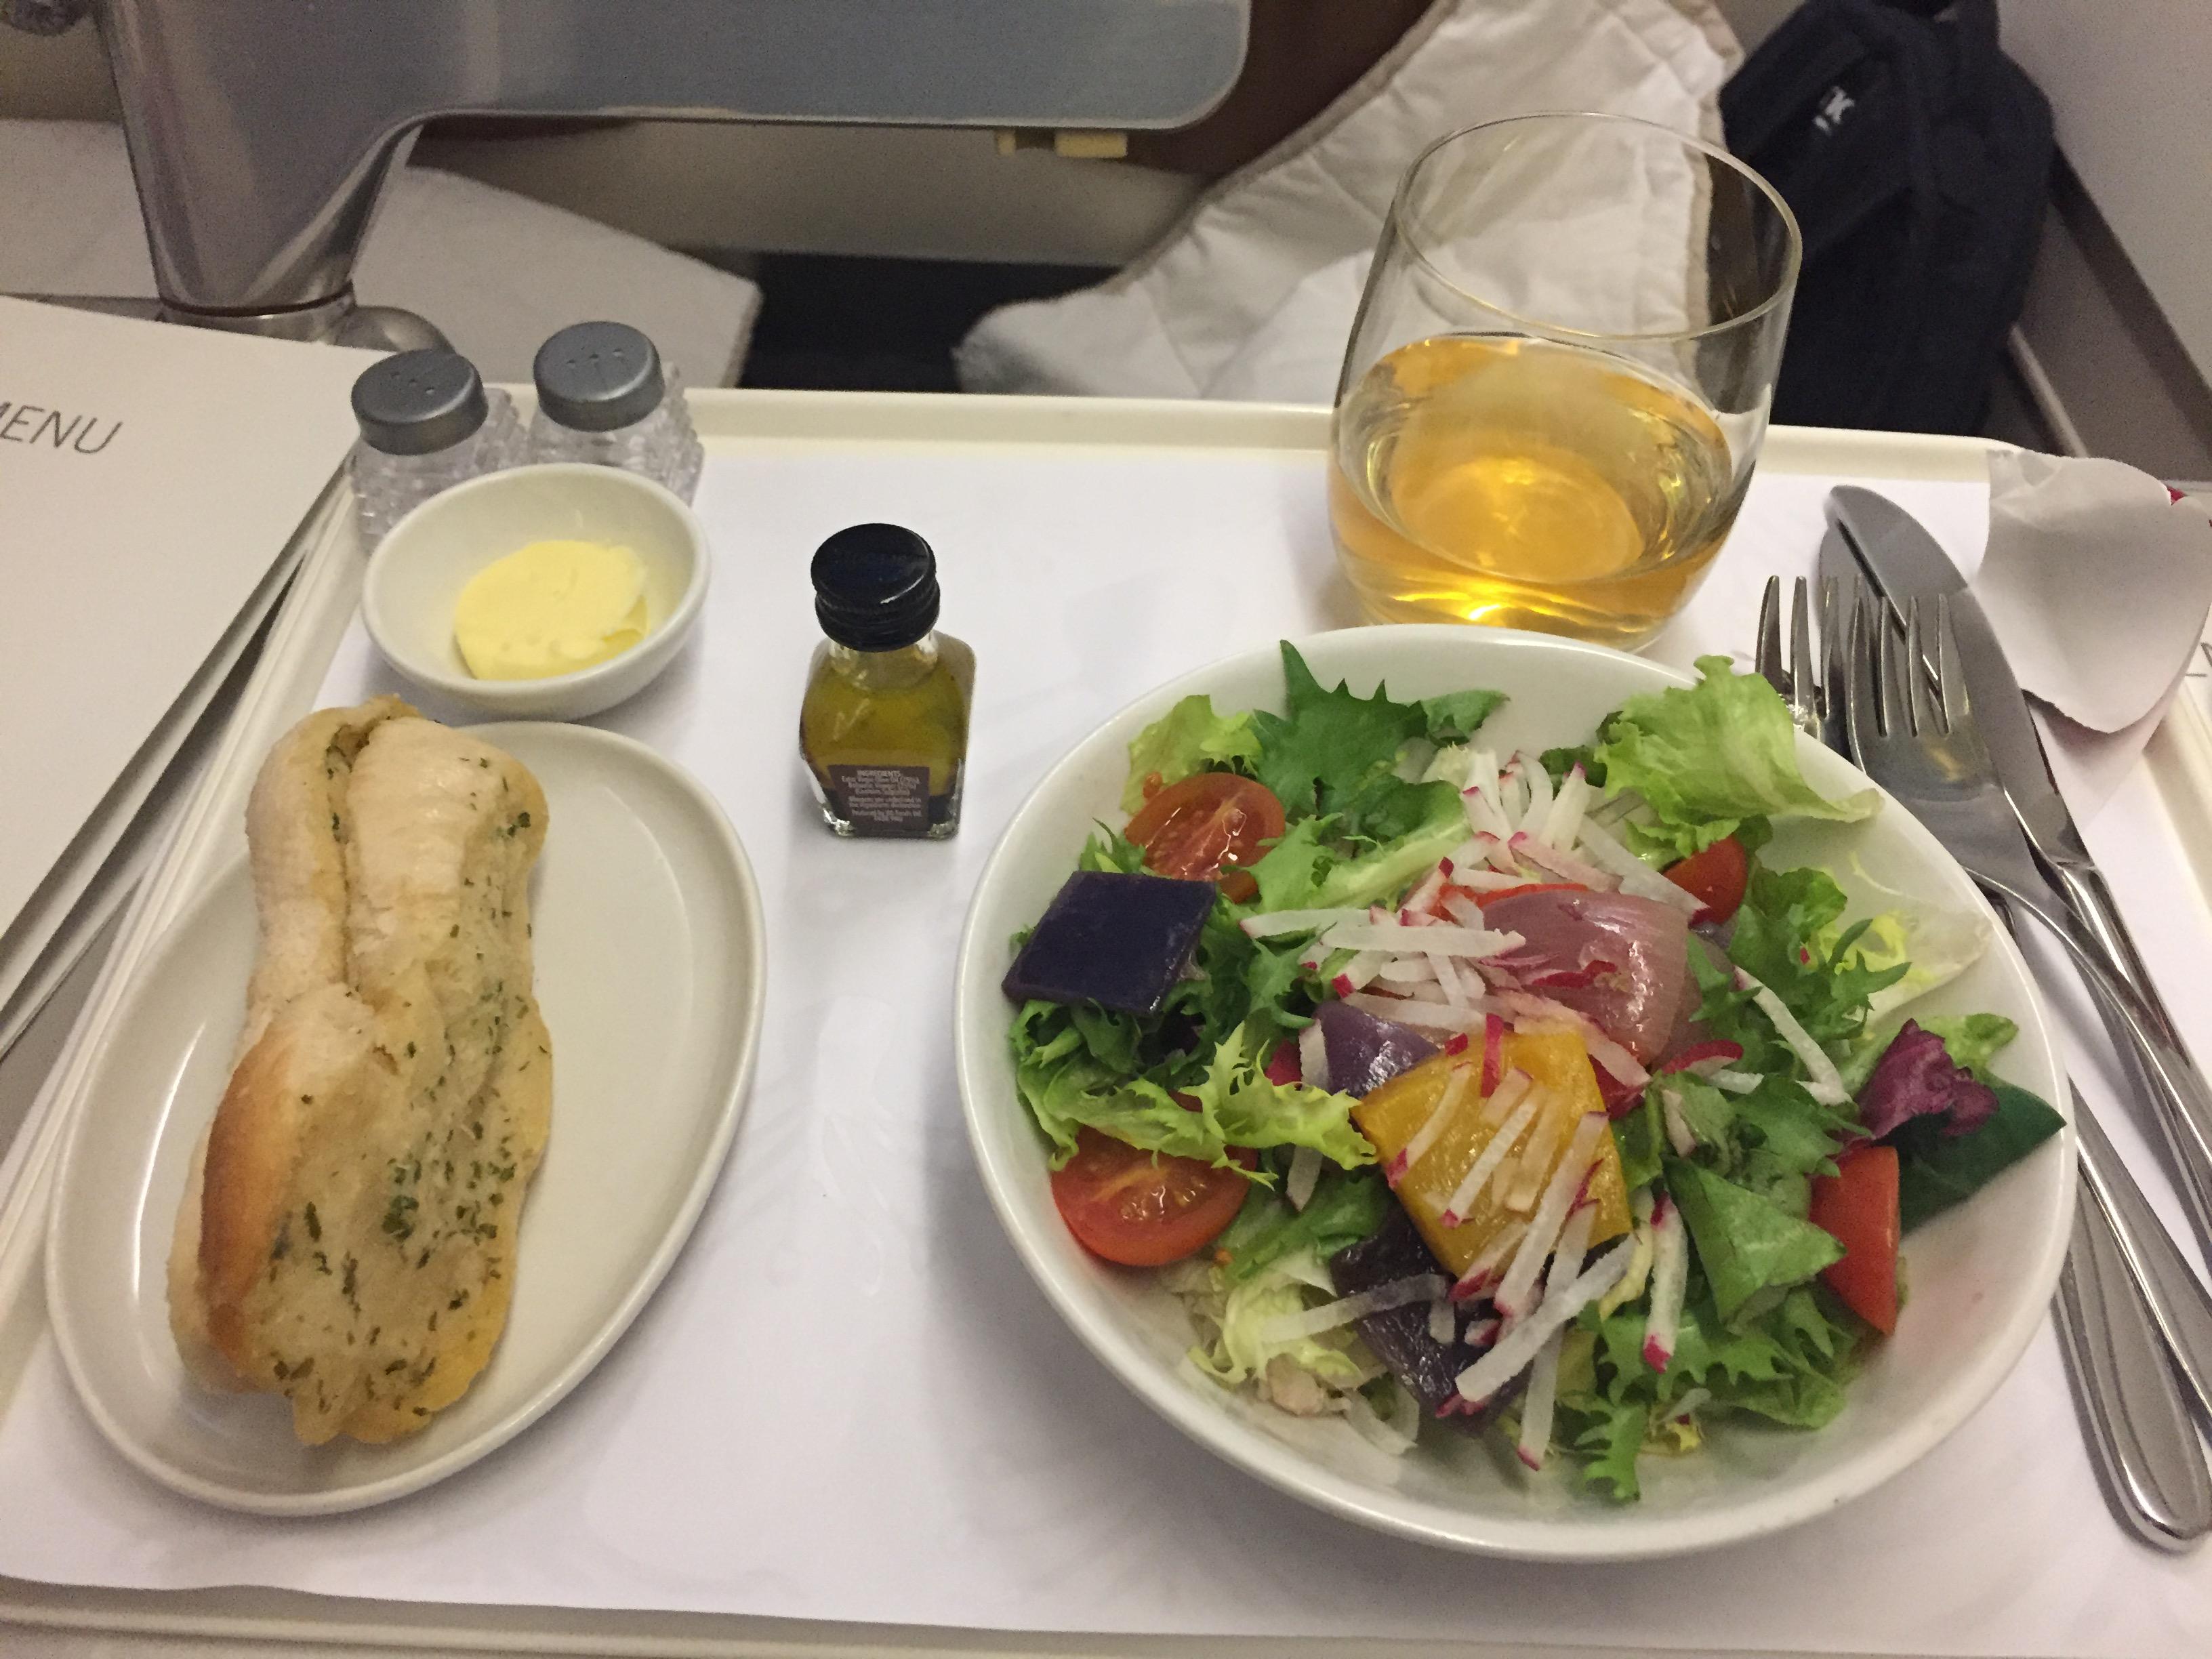 Mit valg af forret på Business Class hos South African Airways på en tur fra London Heathrow til Johannesburg. Foto: Danny Longhi Andreasen